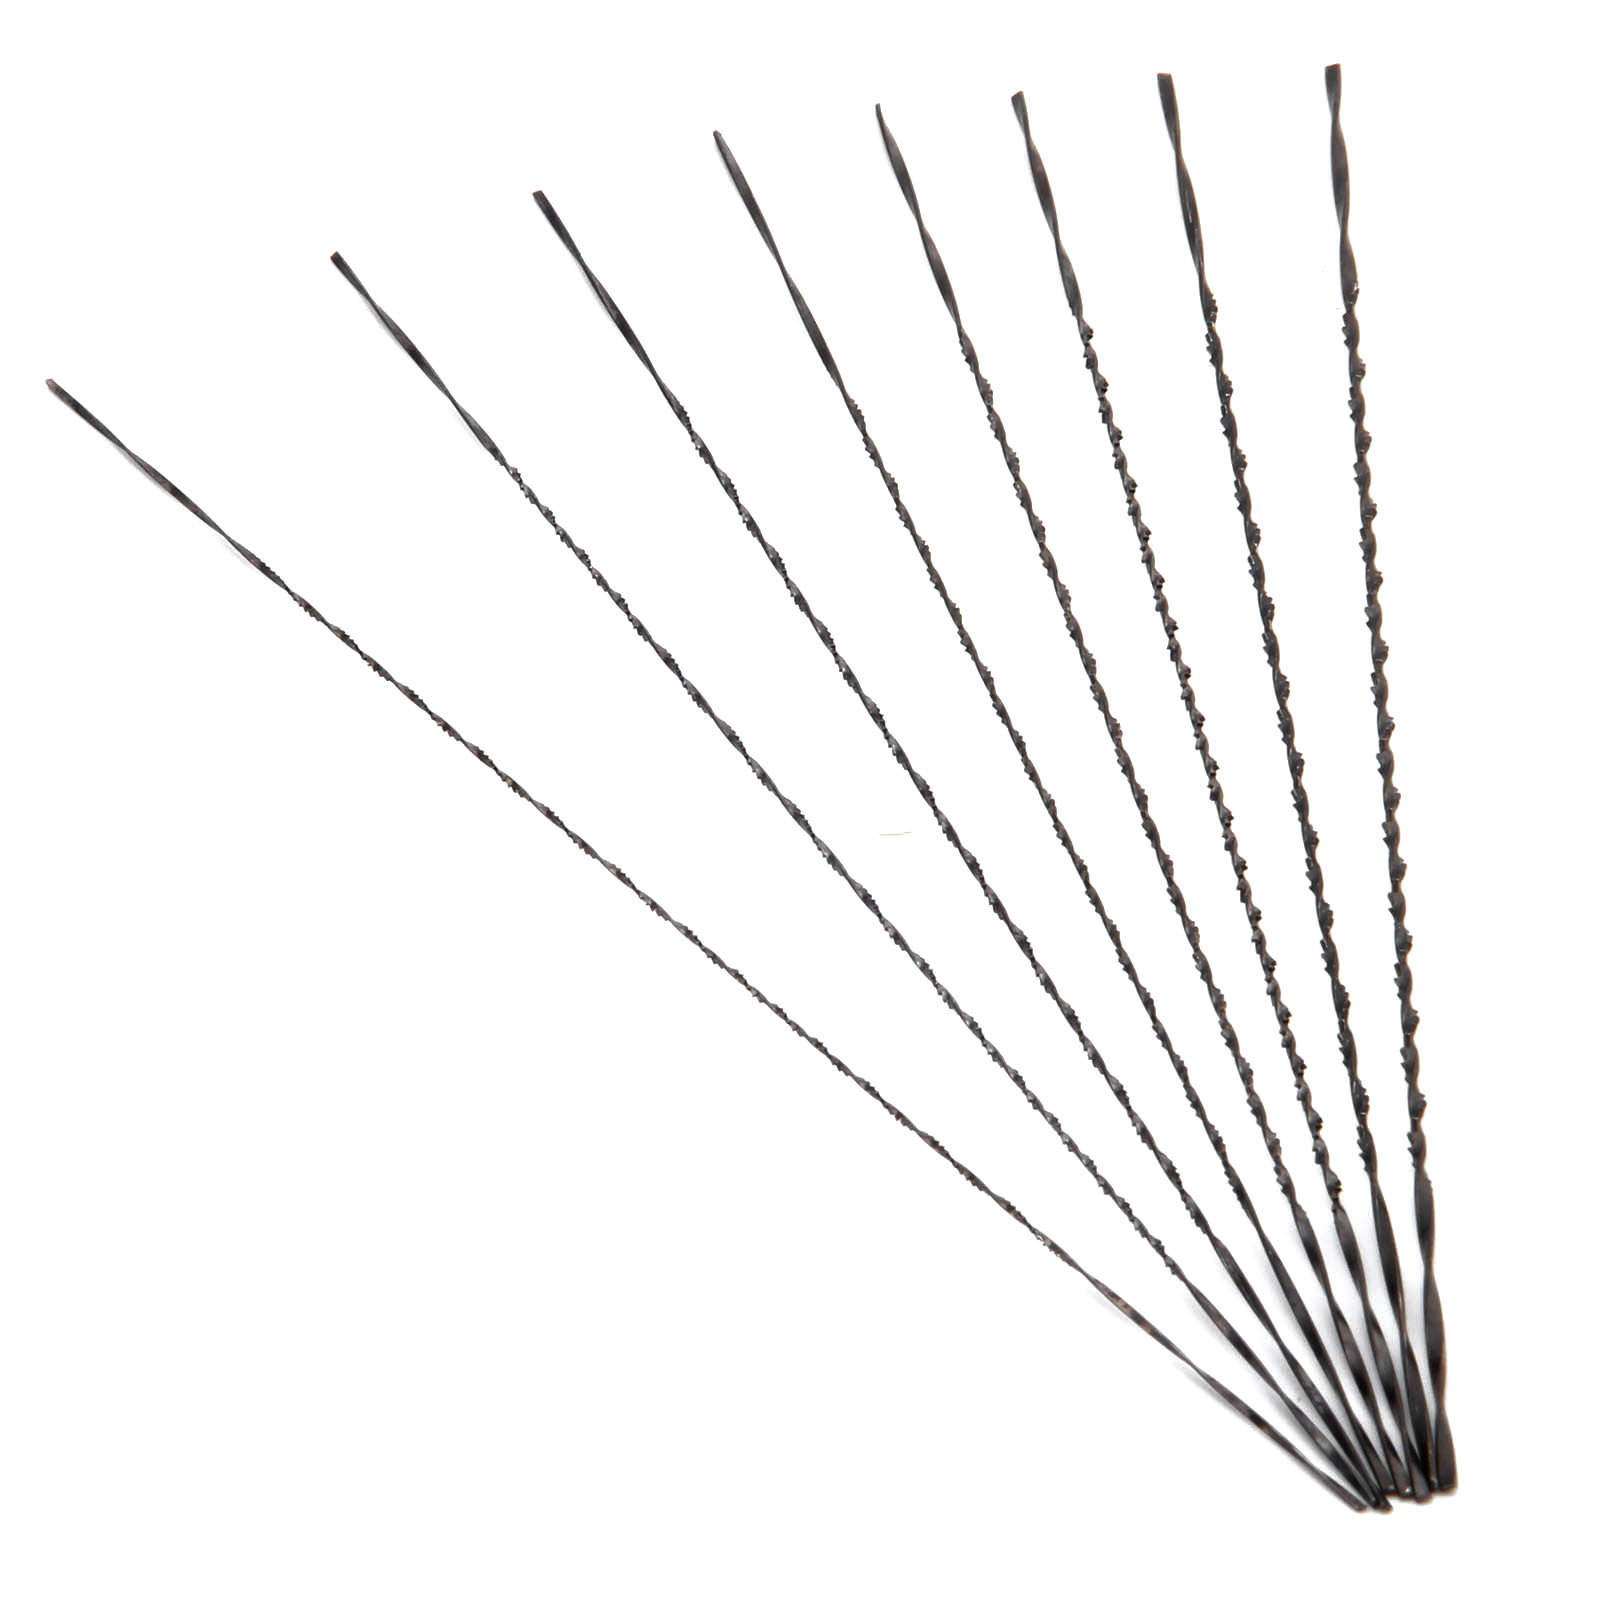 Dreld 12pcs 130mm Scroll Saw Blades 1 8 Carbon Steel Jig